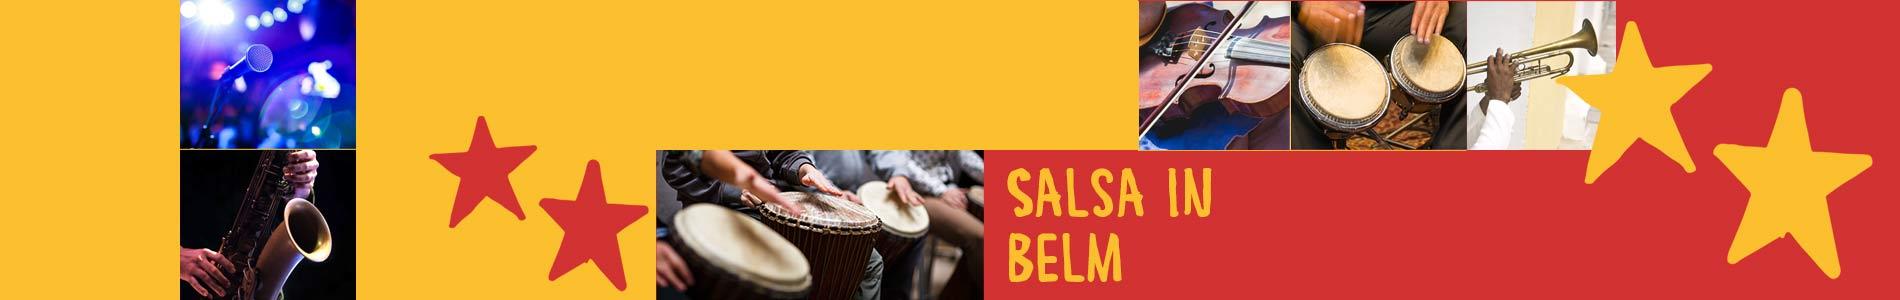 Salsa in Belm – Salsa lernen und tanzen, Tanzkurse, Partys, Veranstaltungen